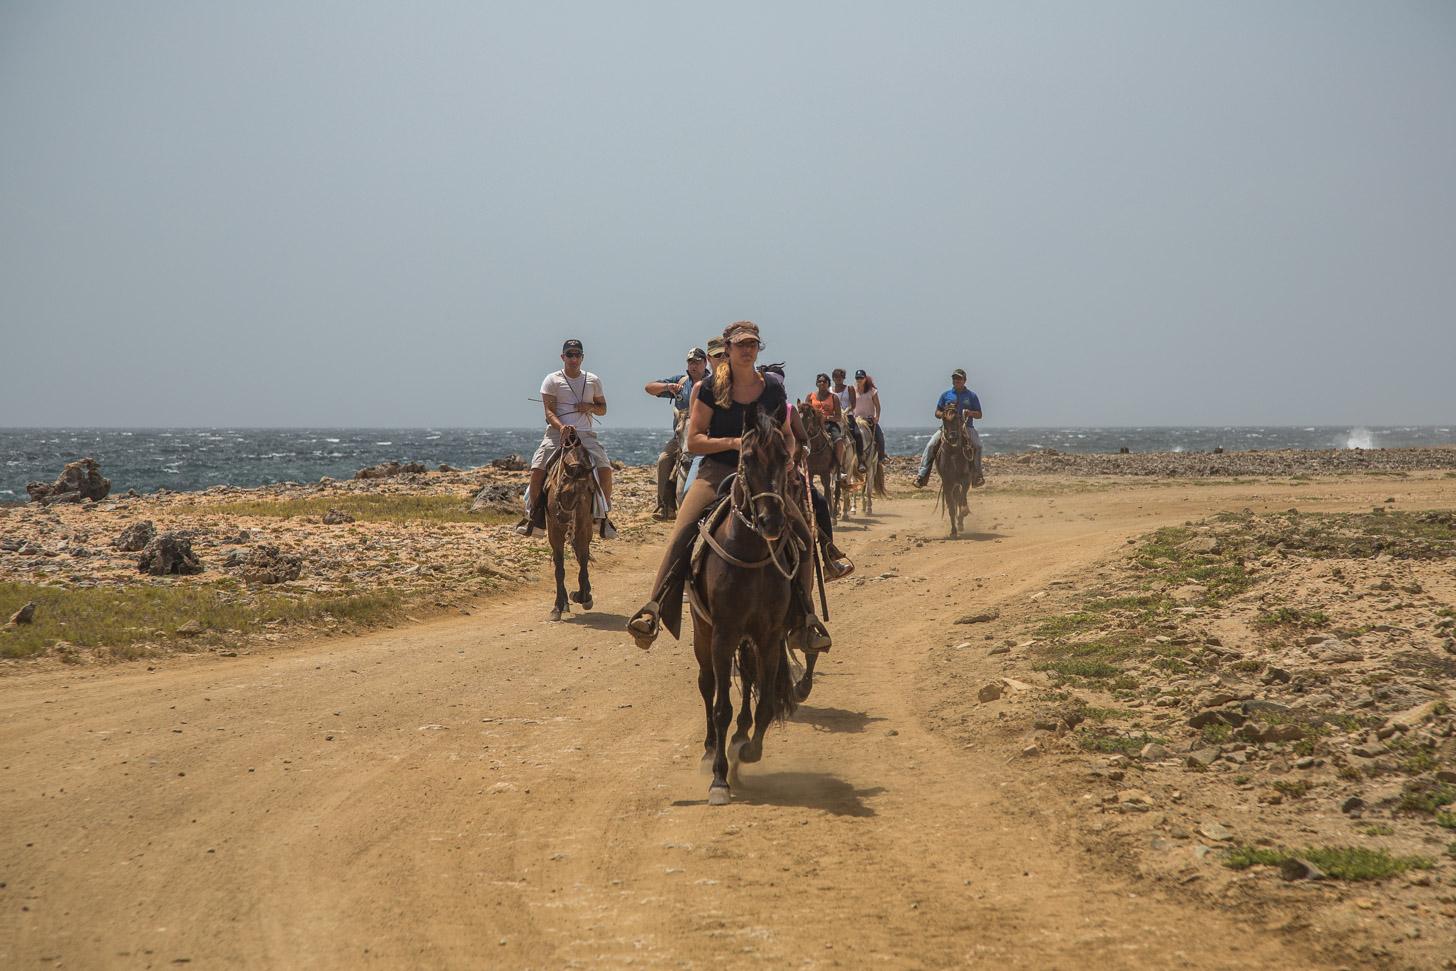 de ruige noordkust van Aruba is prachtig om per paard te verkennen